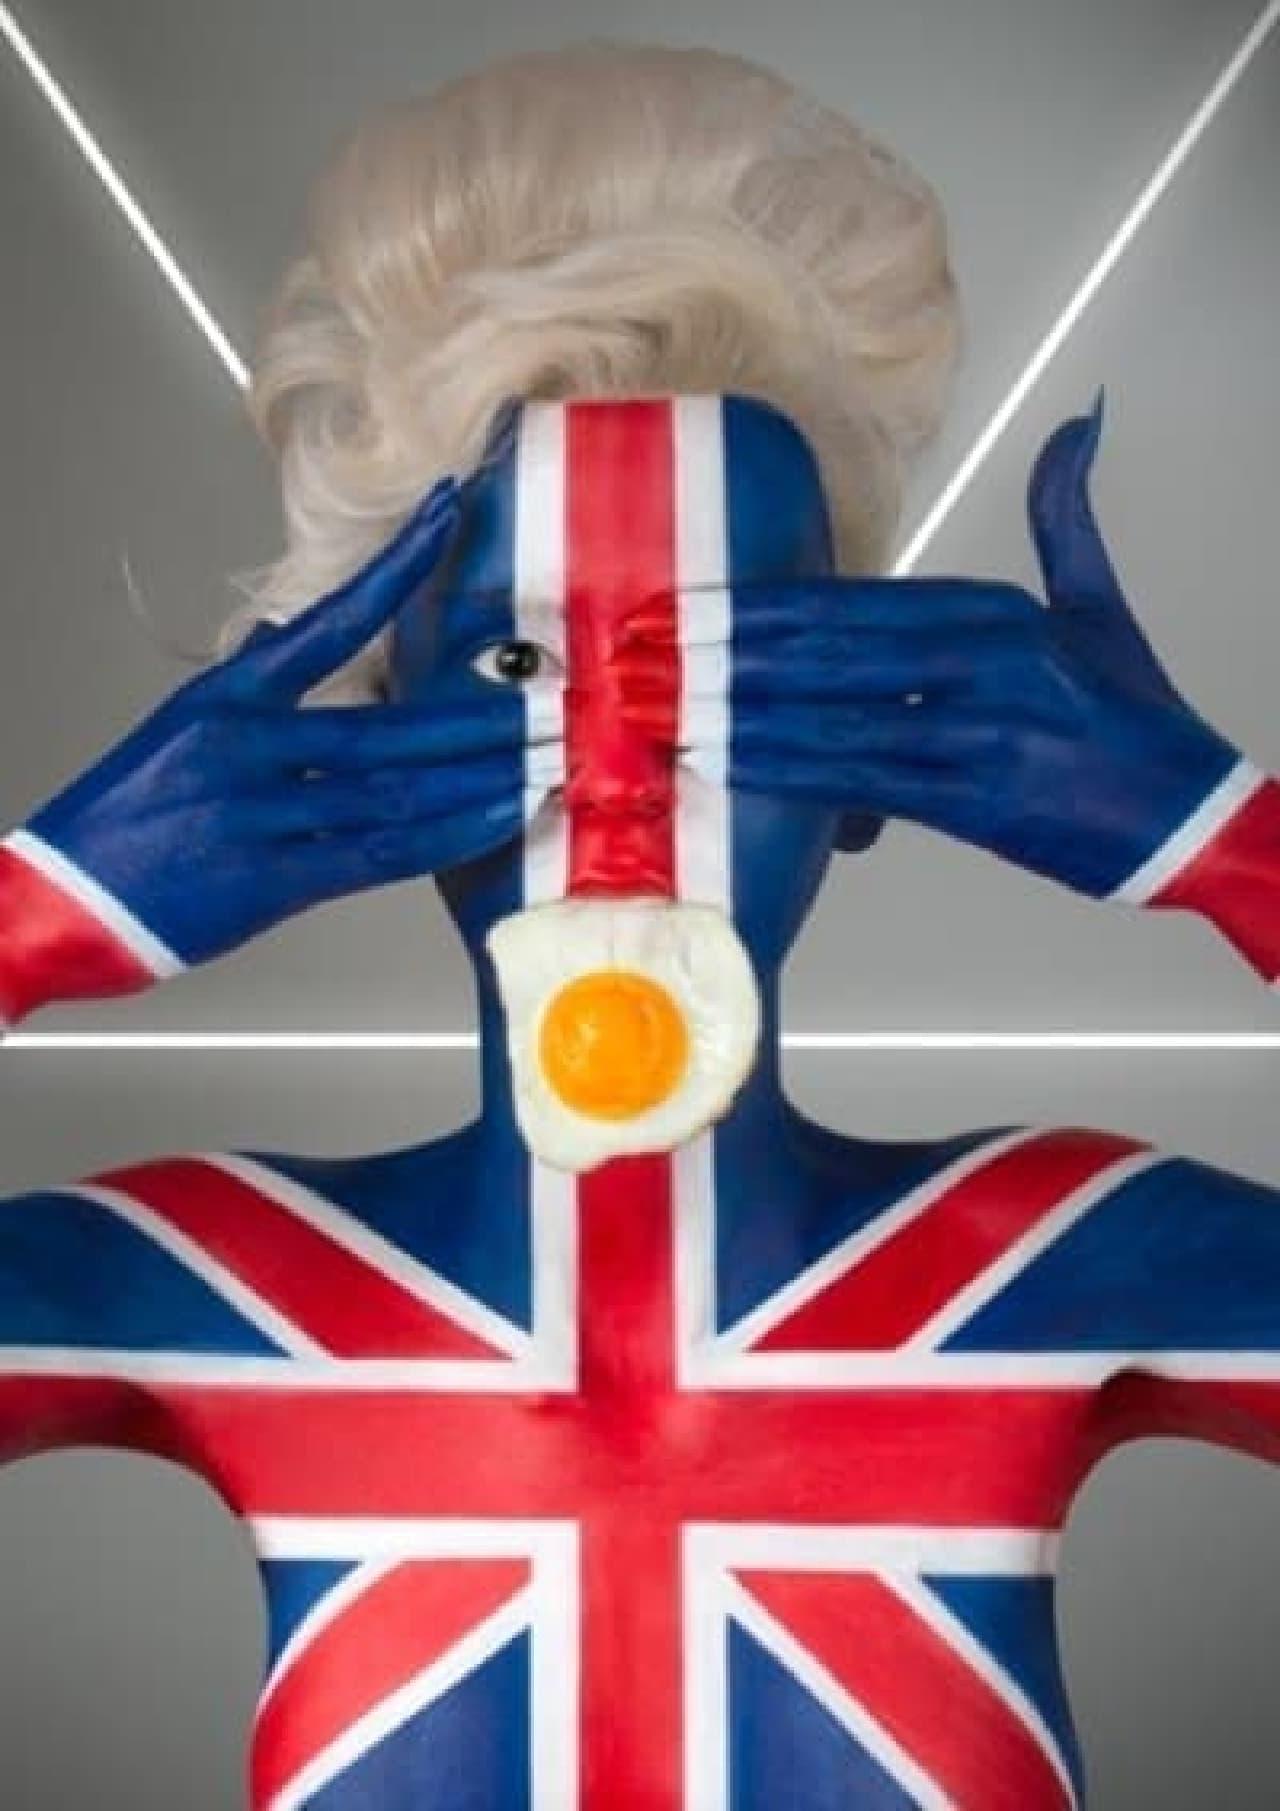 英国の朝食ってことかな...?  出典:jonathanicher.com